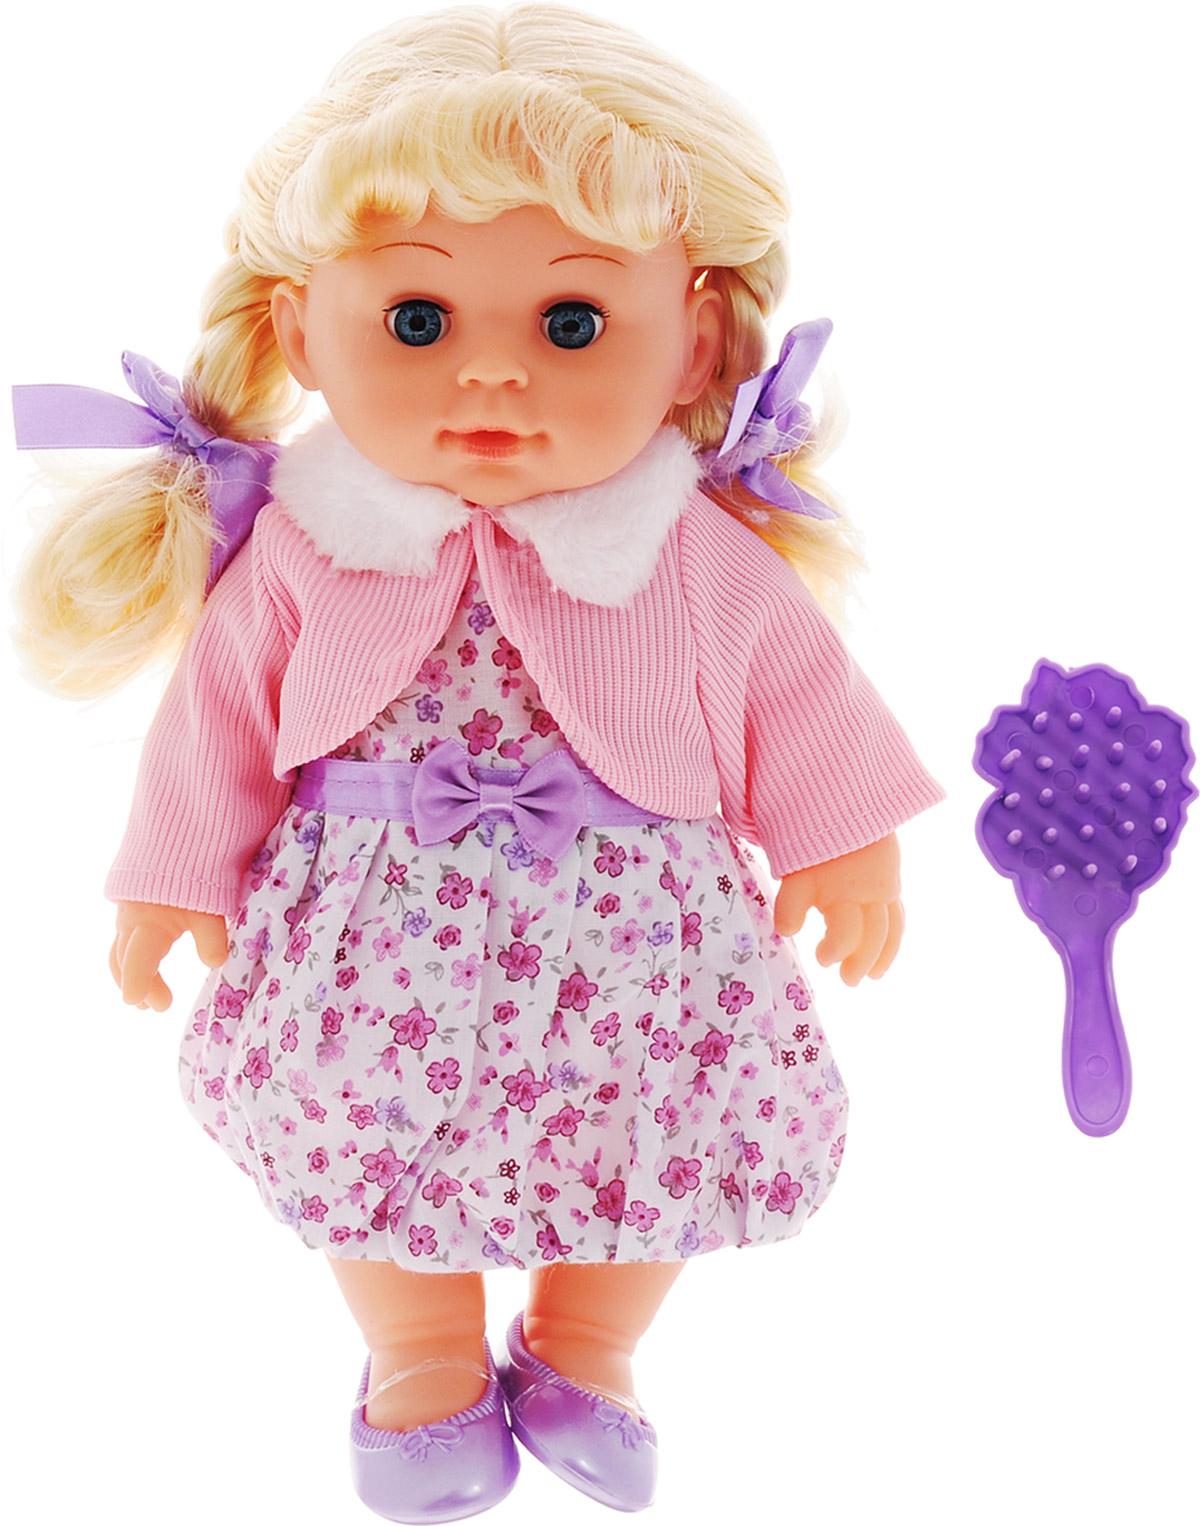 Карапуз Кукла озвученная Полина цвет одежды белый розовый фиолетовый куклы карапуз кукла полина 30см озвученная